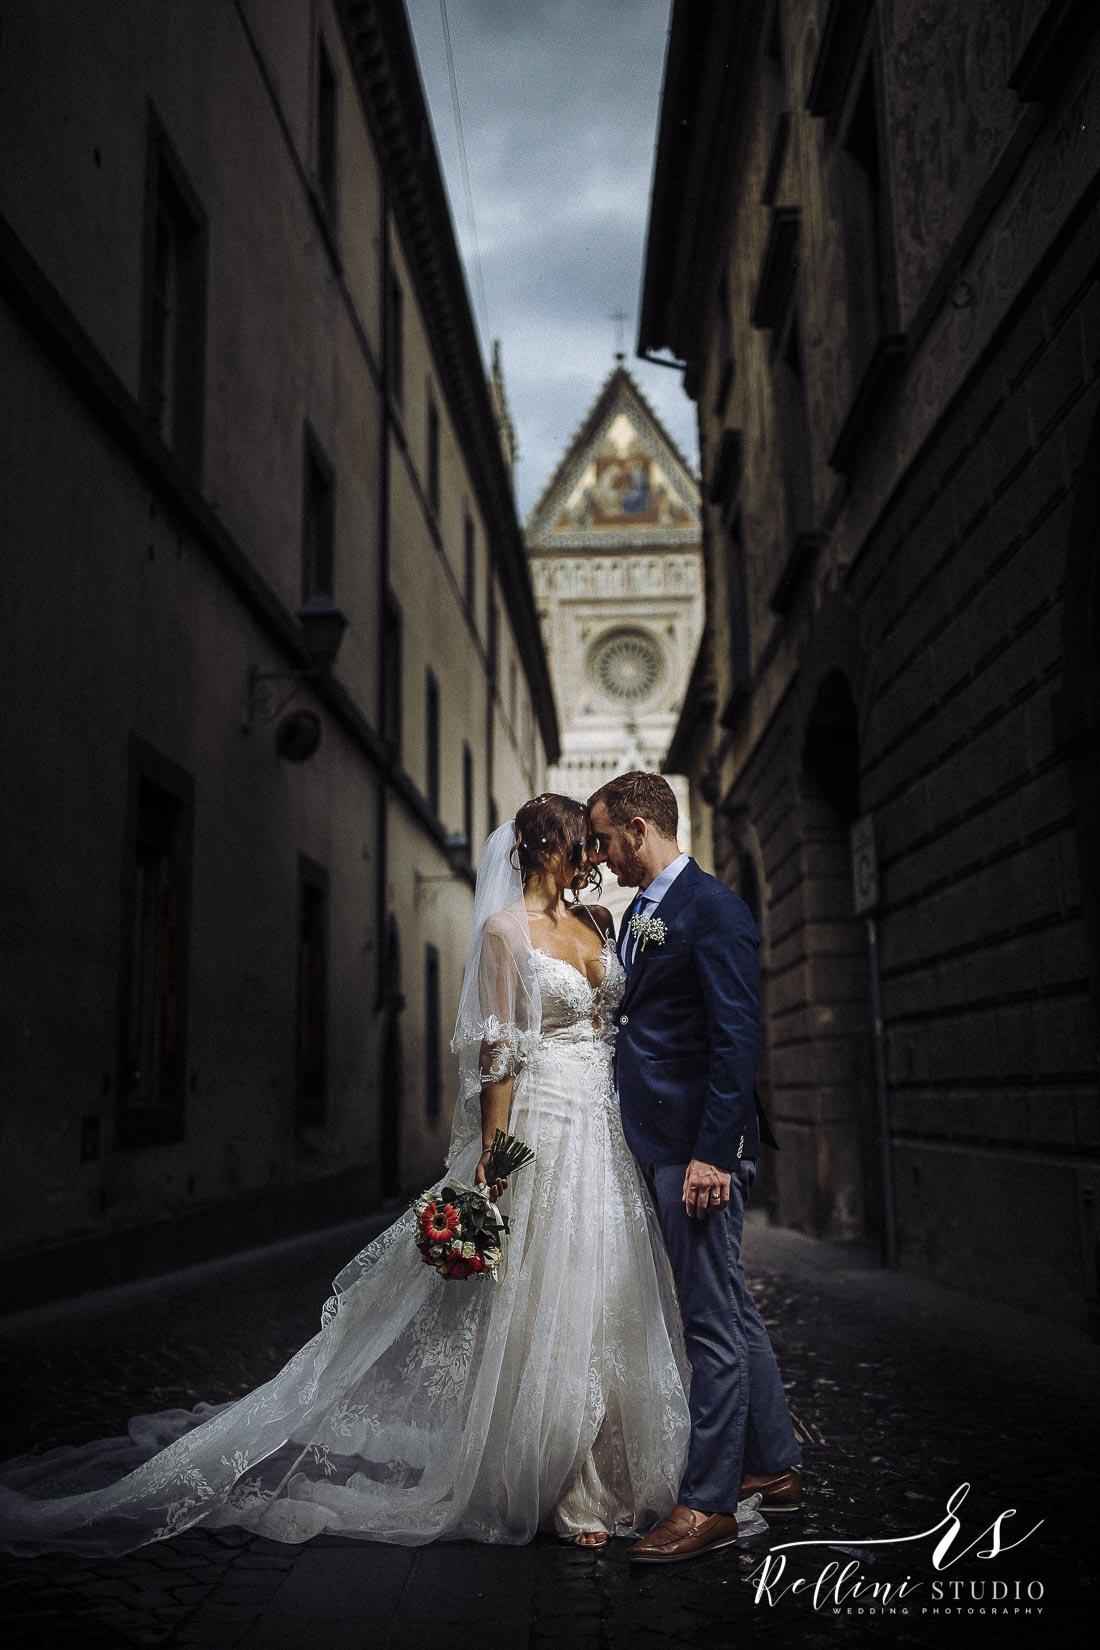 wedding at Palazzone in Orvieto 074.jpg